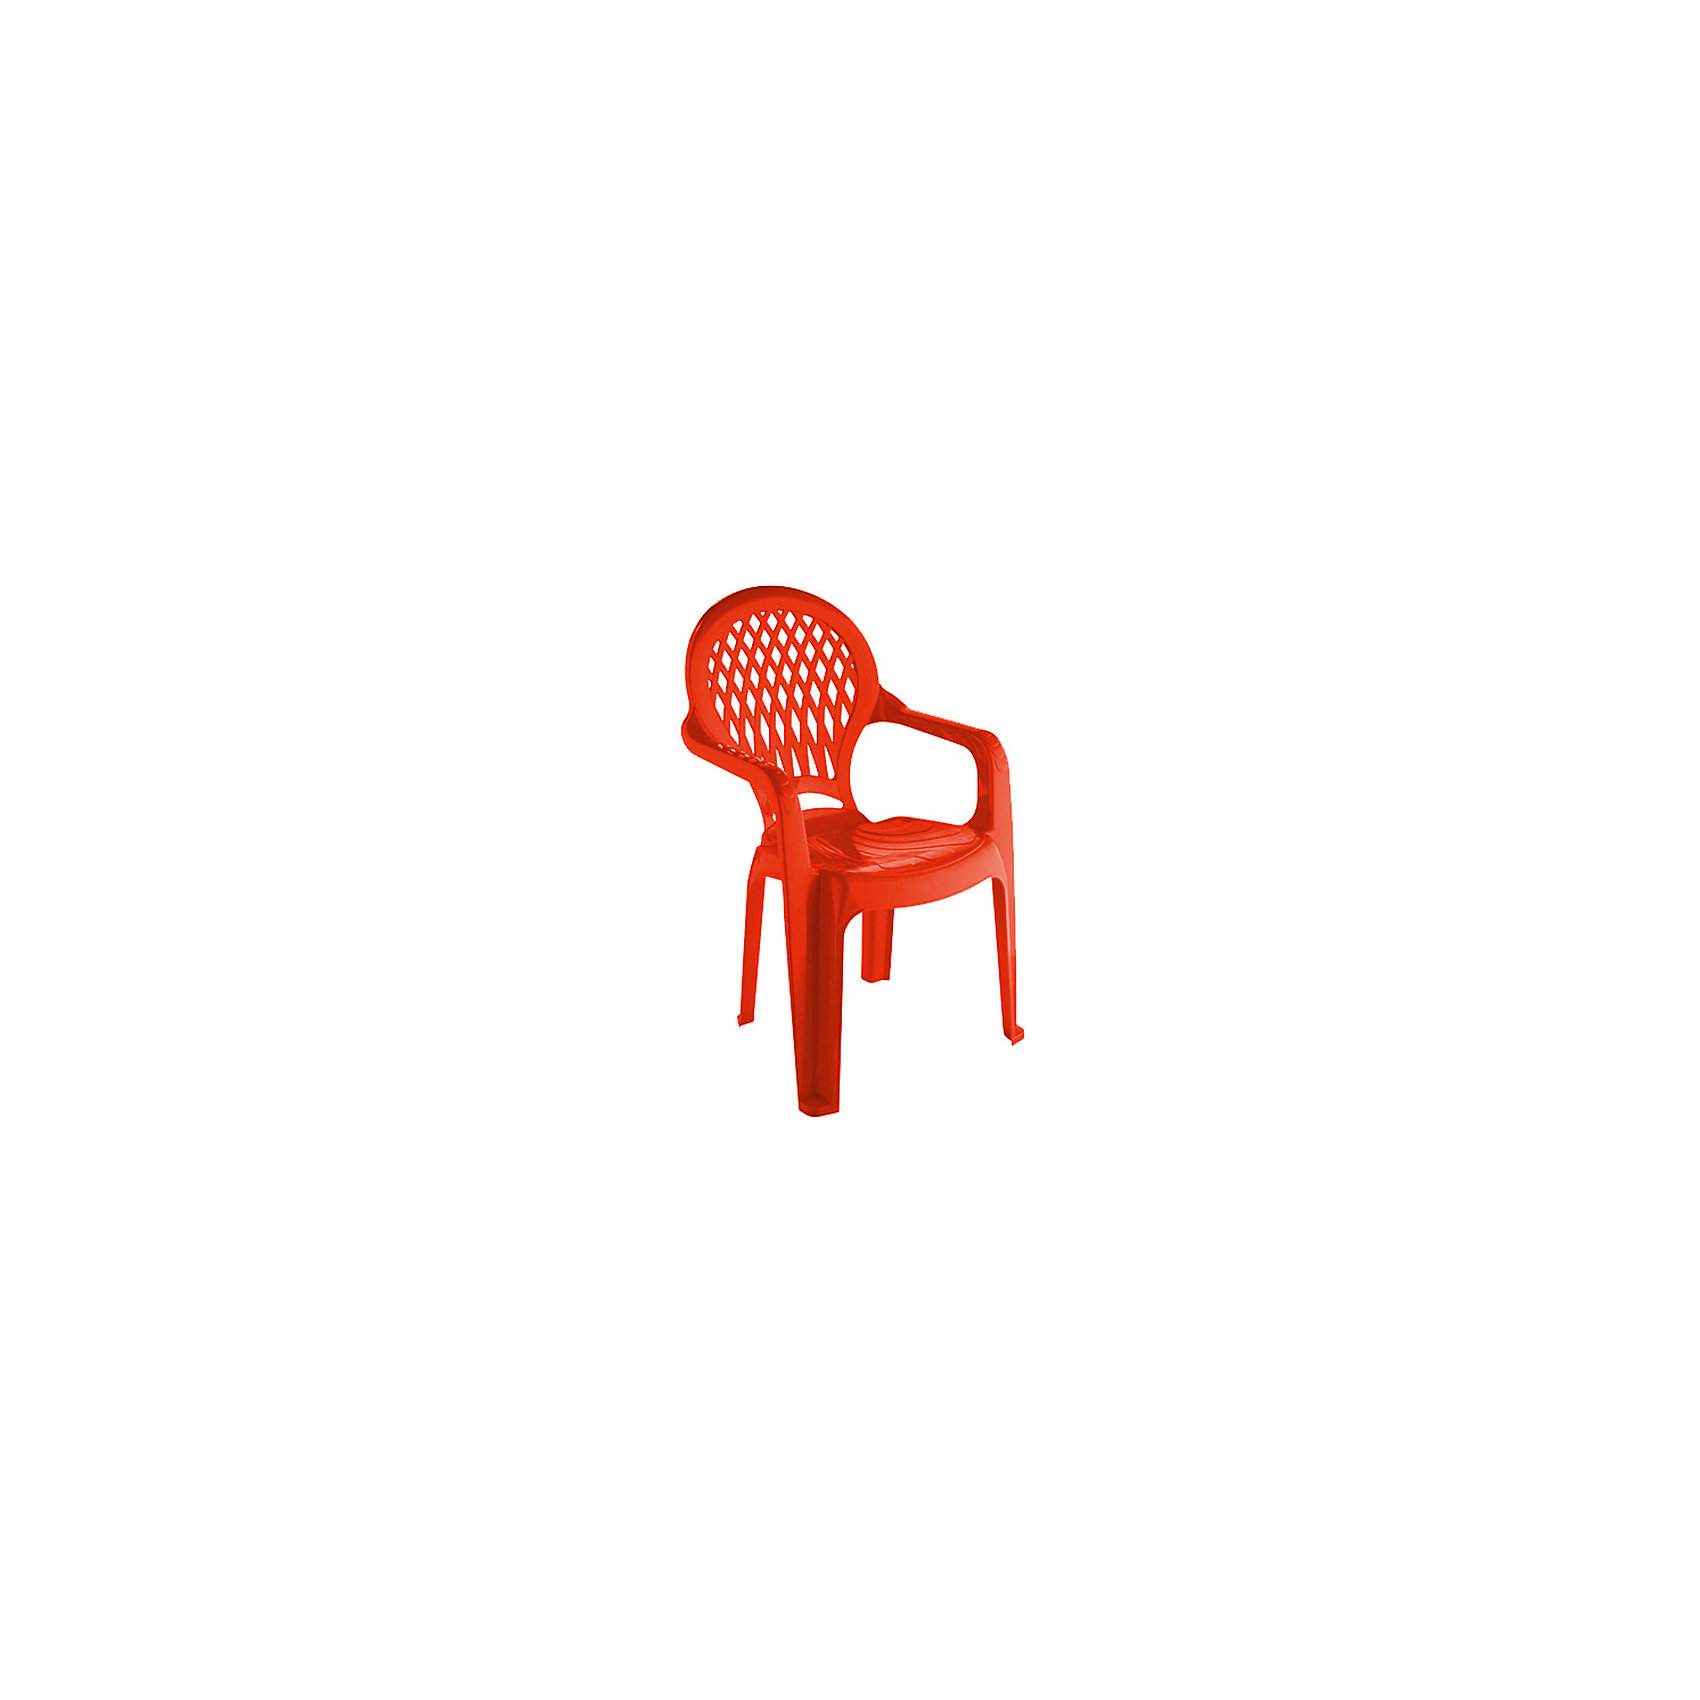 Малиновый стулДетские столы и стулья<br>Яркий стульчик прекрасно впишется в интерьер детской комнаты. Стул имеет эргономичную форму, выполнен из высококачественного прочного пластика, его легко мыть или же протирать влажной губкой. <br><br>Дополнительная информация:<br><br>- Материал: пластик.<br>- Размер: 34х30х56 см.<br>- Эргономичная форма. <br><br>Детский стульчик, малиновый, можно купить в нашем магазине.<br><br>Ширина мм: 750<br>Глубина мм: 480<br>Высота мм: 380<br>Вес г: 150<br>Возраст от месяцев: 24<br>Возраст до месяцев: 84<br>Пол: Унисекс<br>Возраст: Детский<br>SKU: 4718426